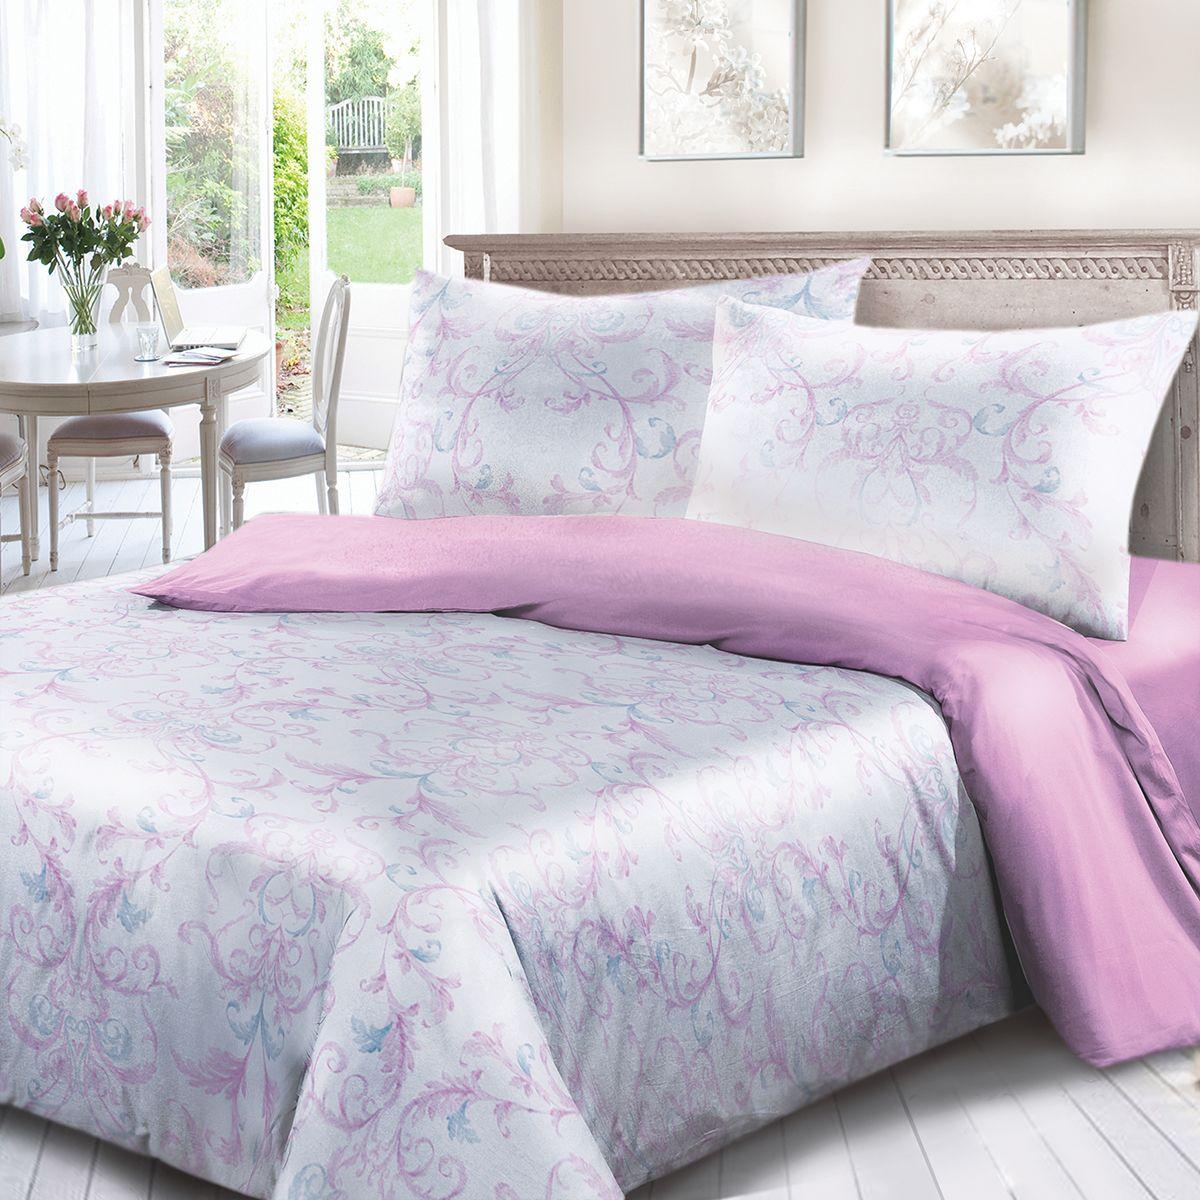 Комплект белья Сорренто Паллацо, 1,5 спальное, наволочки 70x70, цвет: сиреневый. 4018-187890